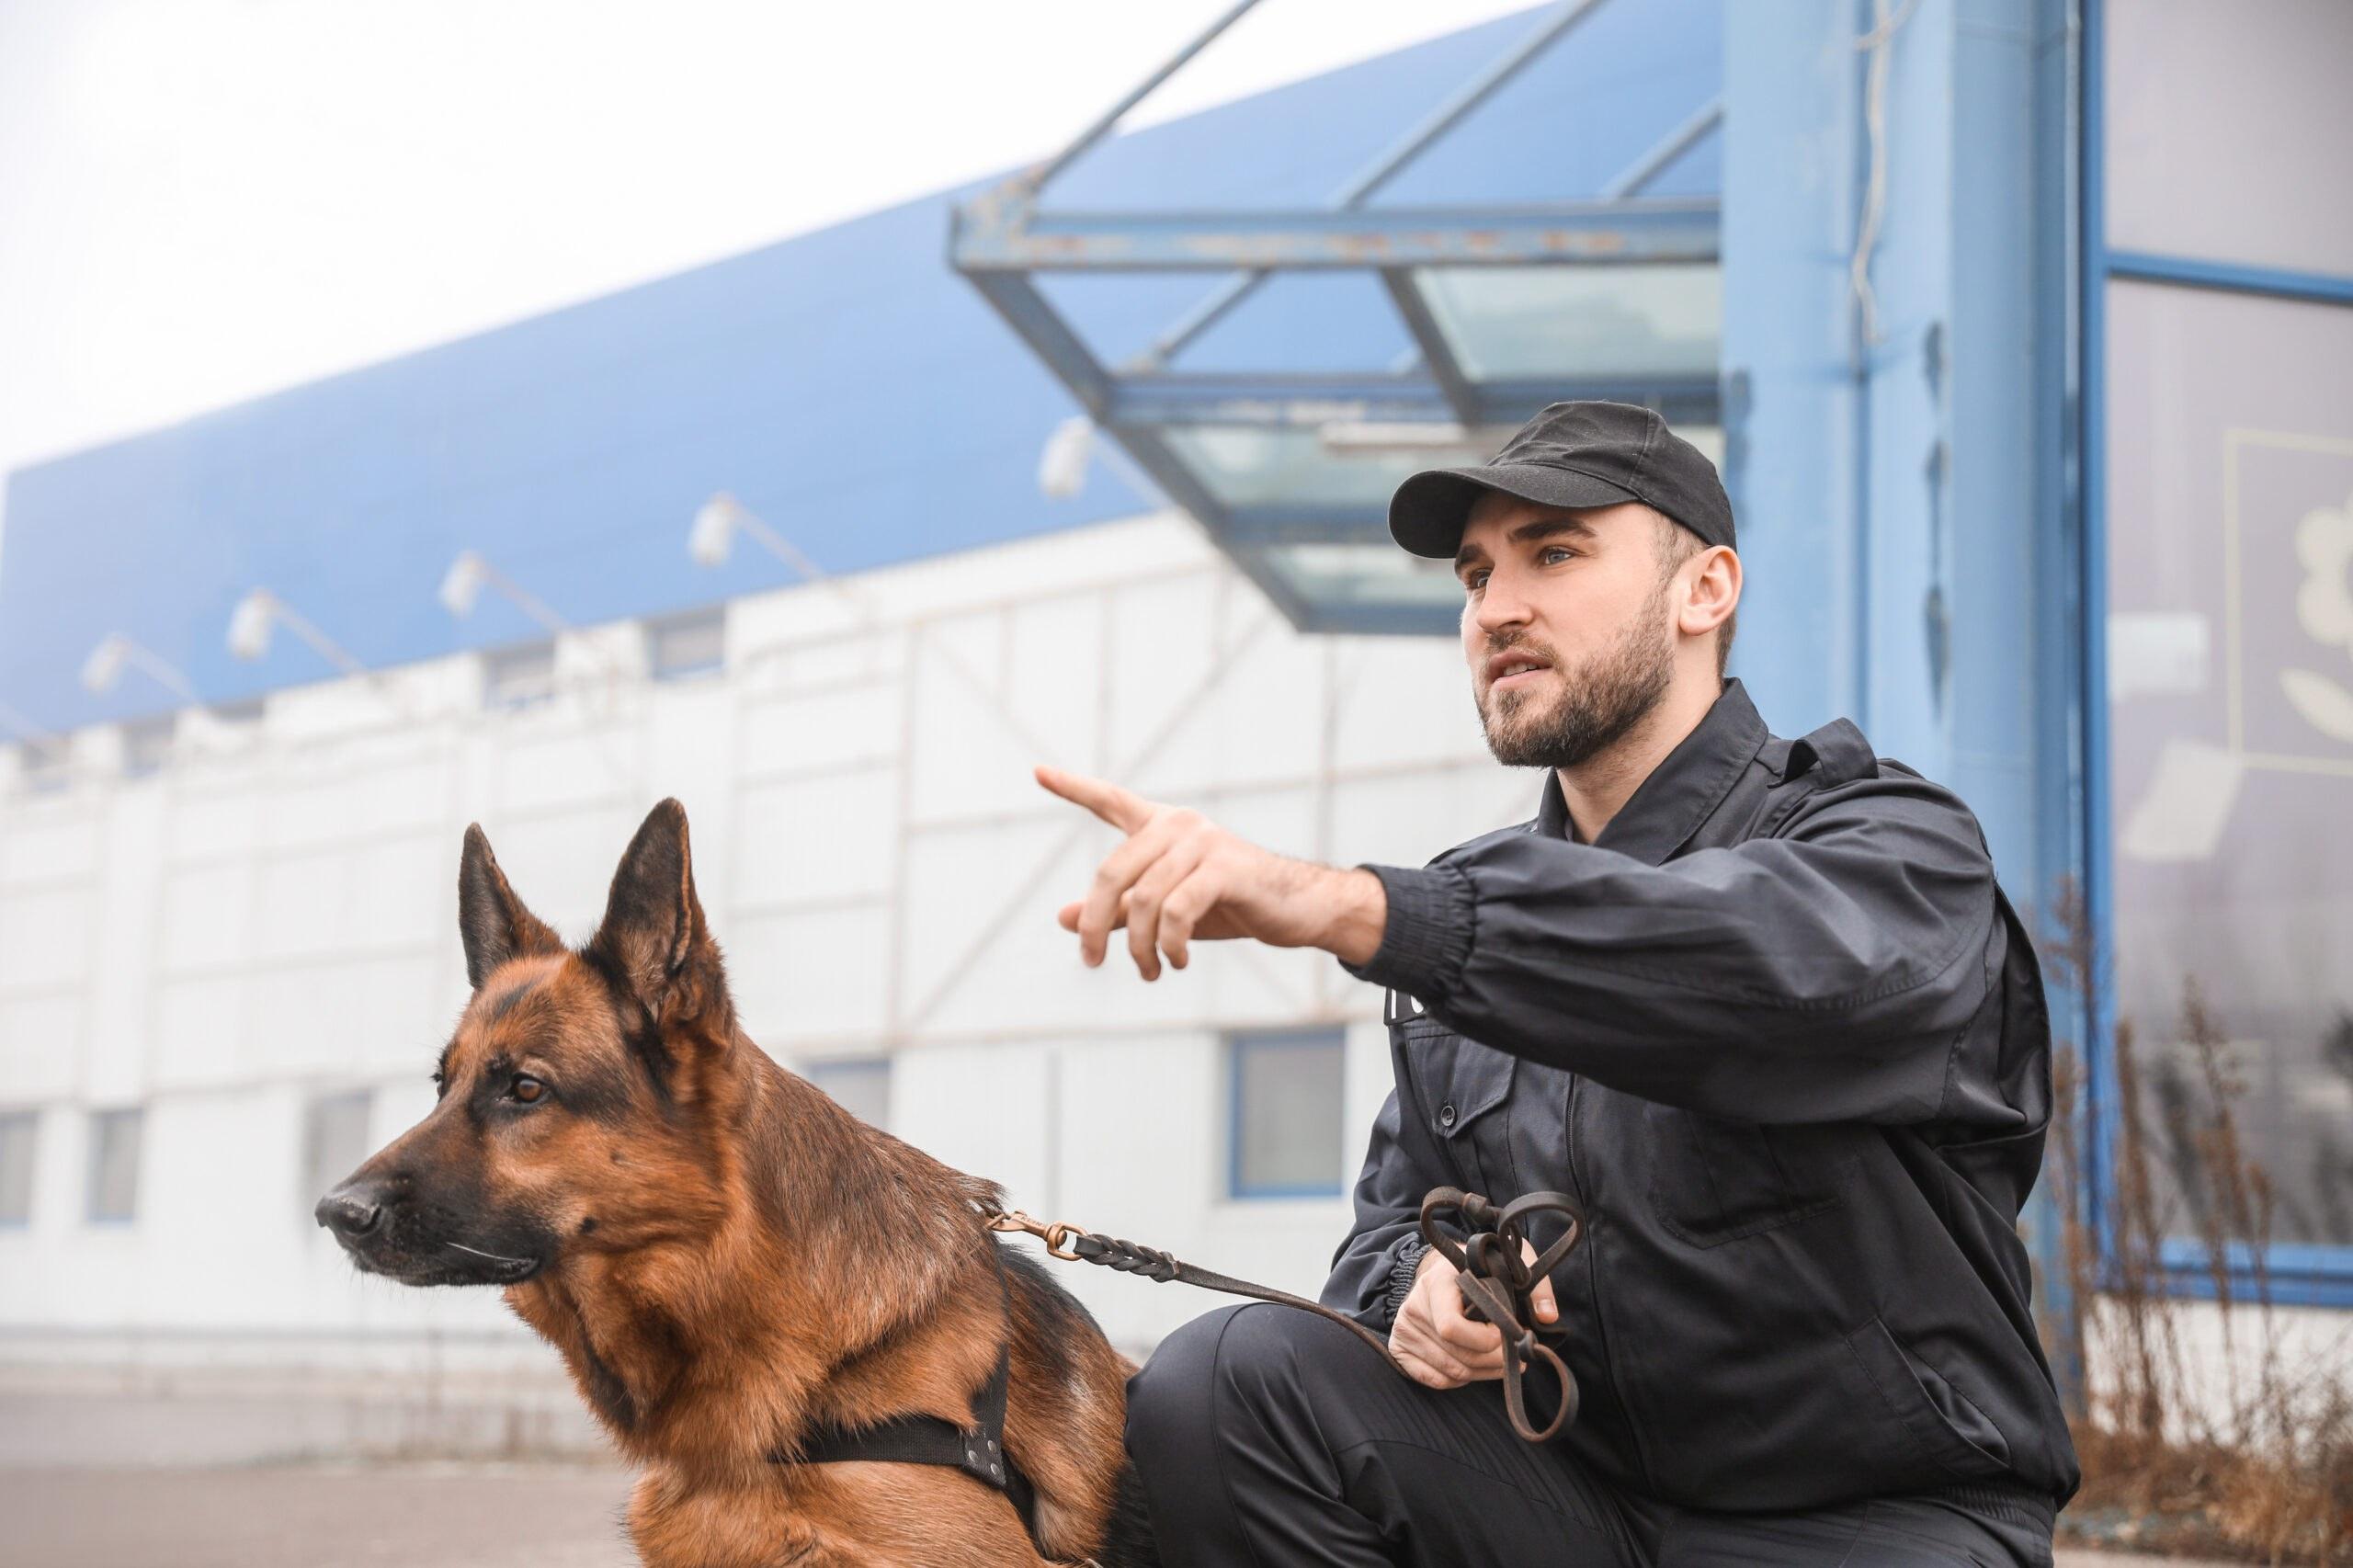 Wachmann, Wachschutz, Doorman, Türsteher, Security, Sicherheitsdienst, Agentur für Sicherheit und Brandschutz, Bergheim